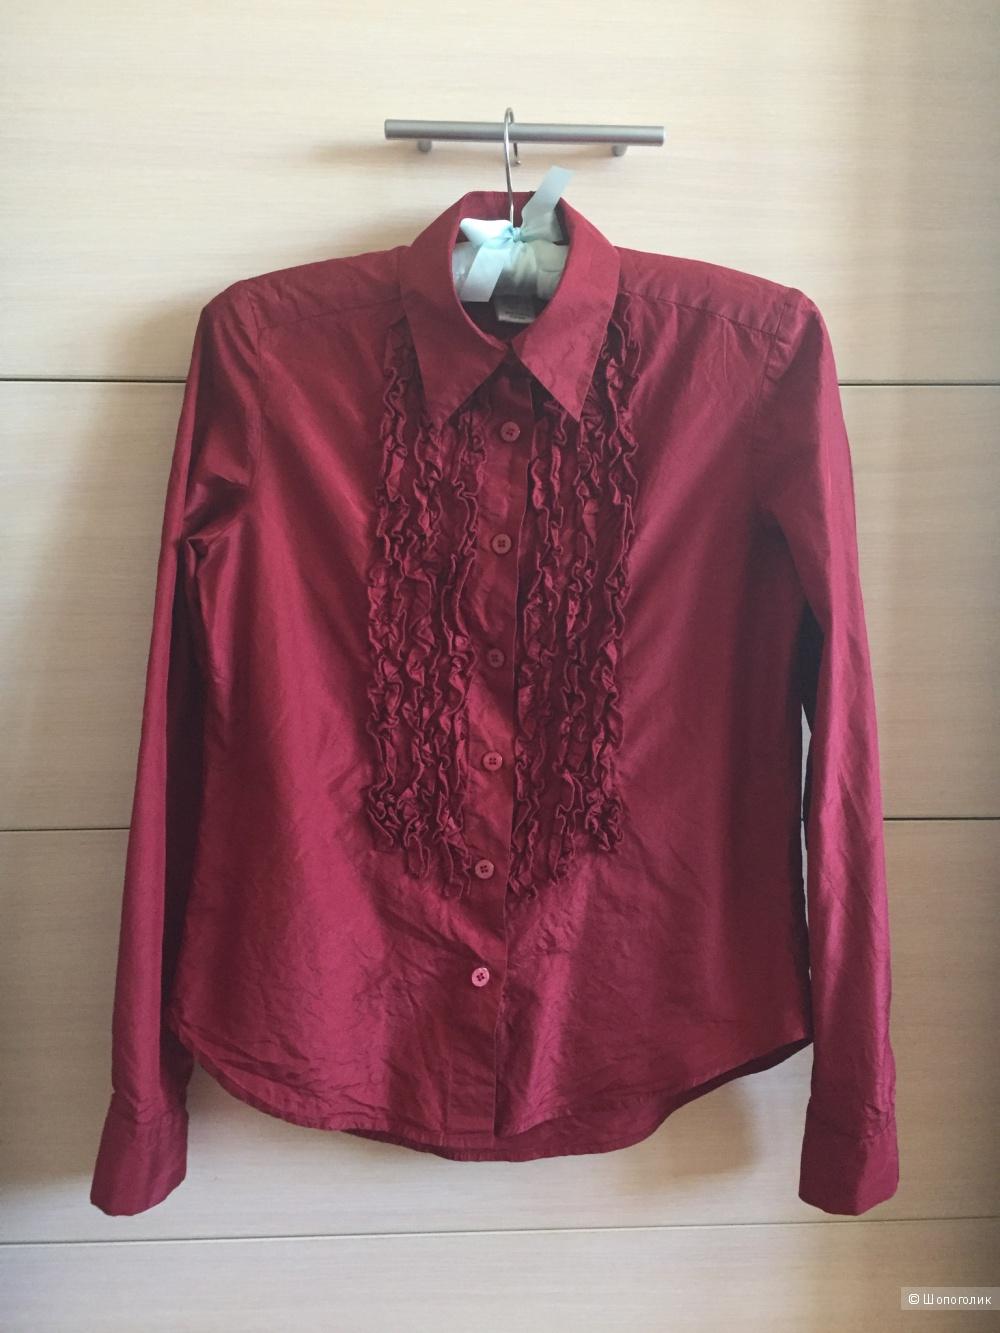 Рубашка из натурального шелка в винном цвете